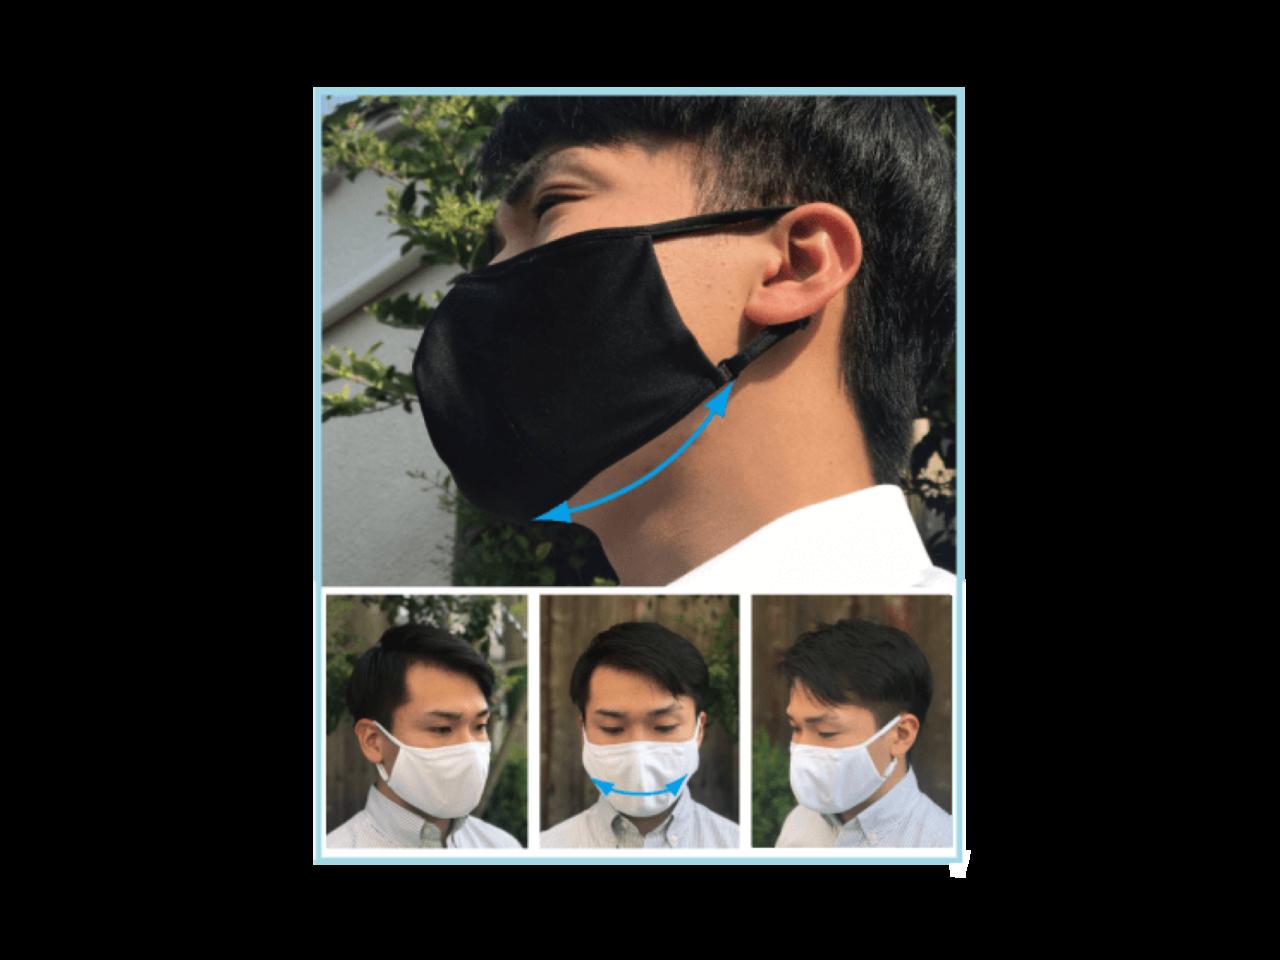 口元ゆったり、夏に最適な吸汗速乾・制菌素材を使った「超立体・洗える布マスク」誕生です。